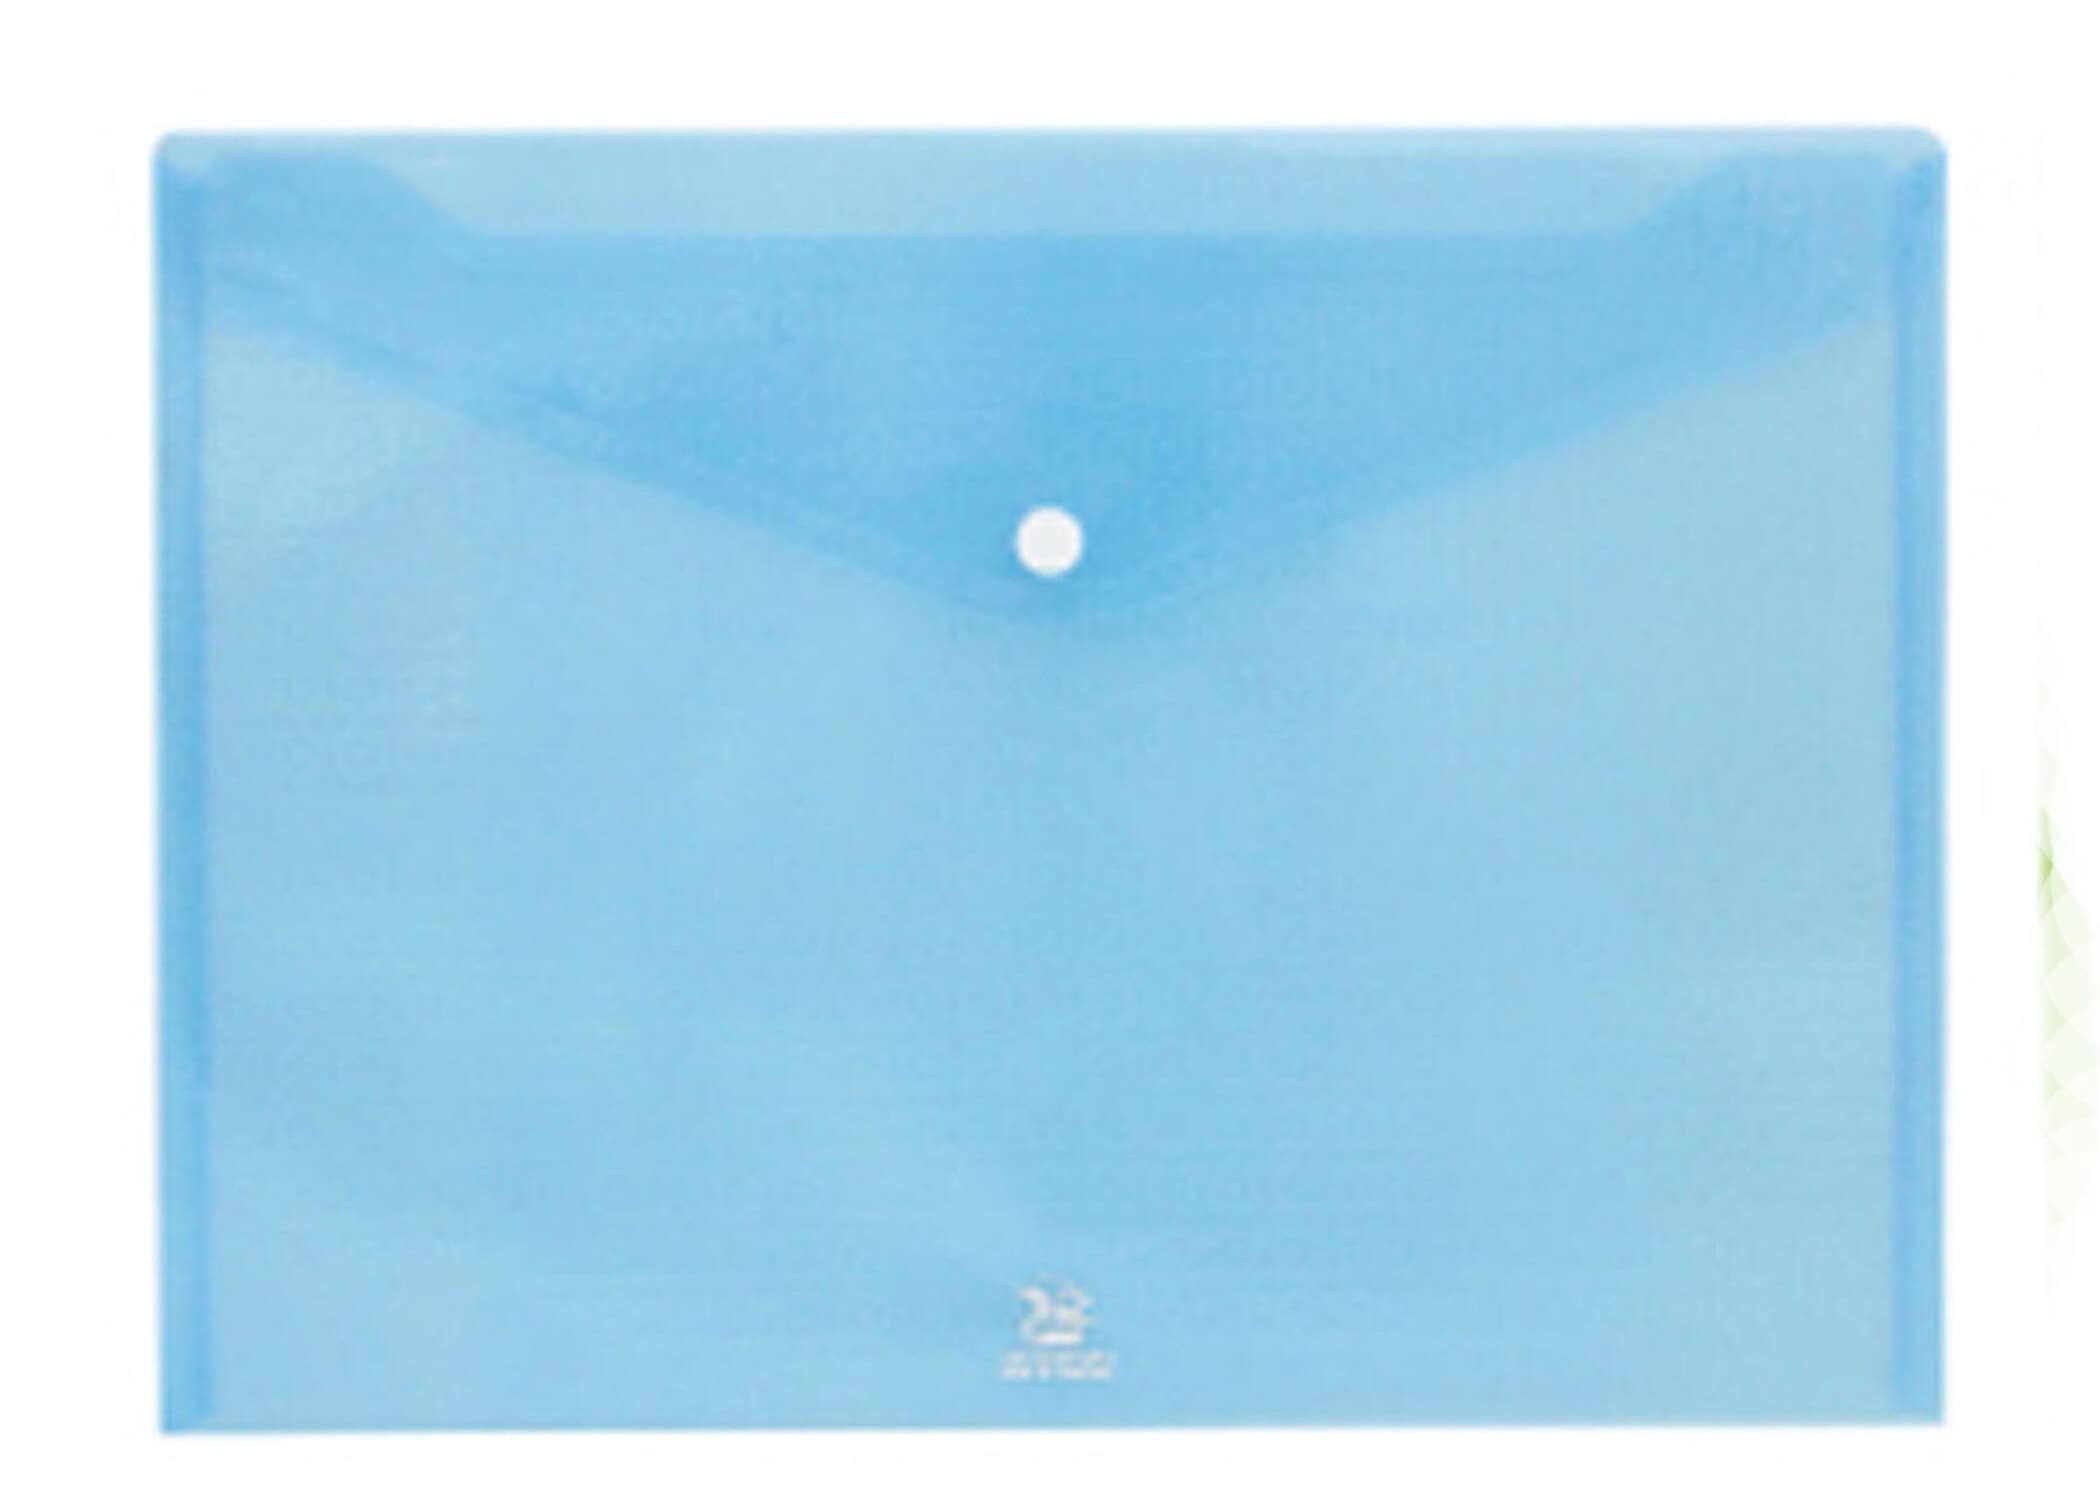 ซองกระดุมพลาสติก flamingo 9383 A4 สีฟ้า